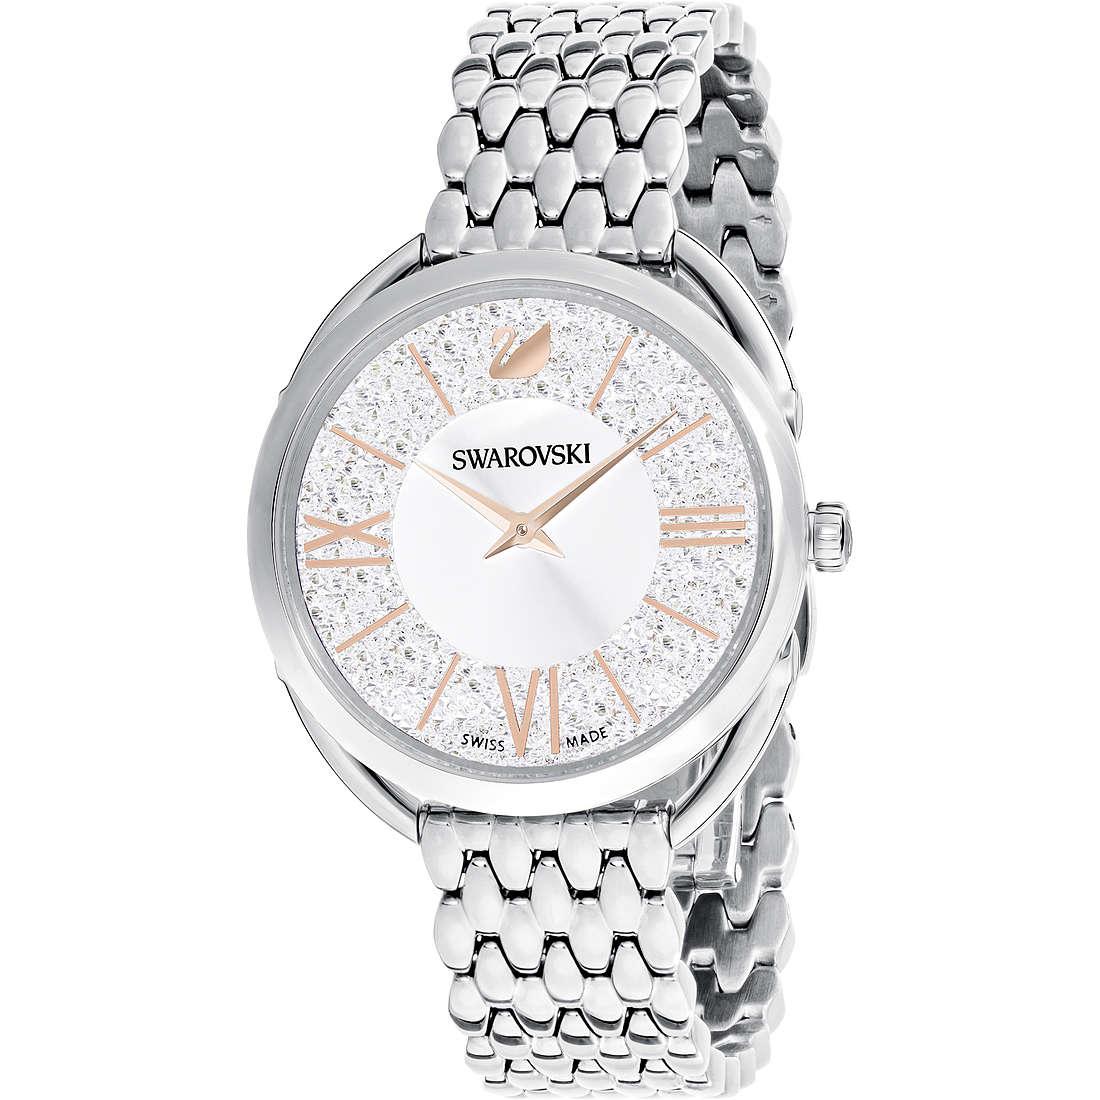 Orologio Solo Tempo Donna Swarovski Crystalline Glam 5455108 Solo Tempo Swarovski